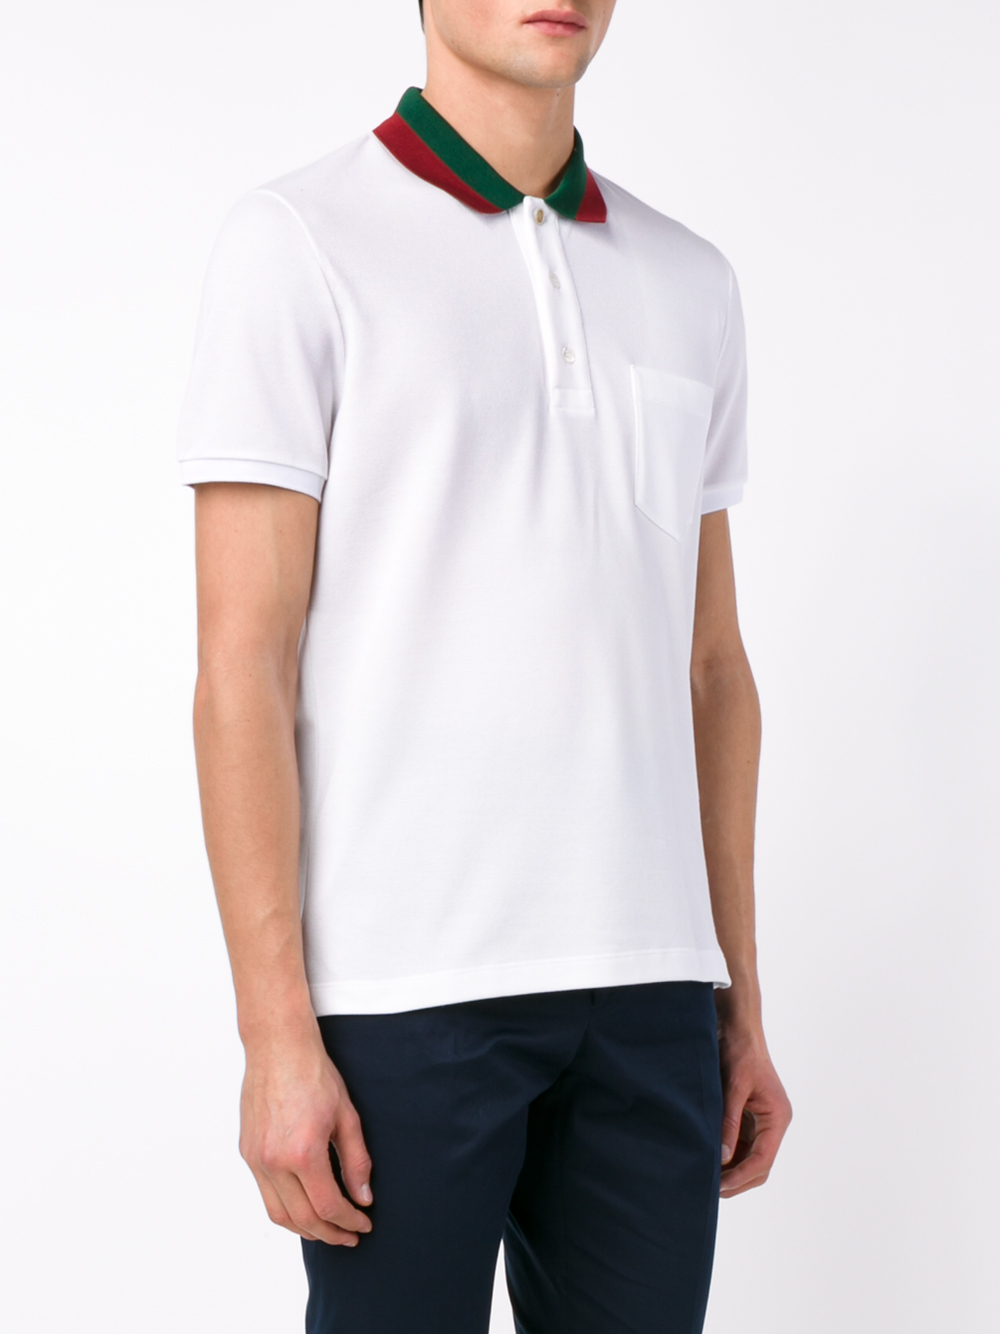 a99a5e4f4679 White Gucci Polo Shirts